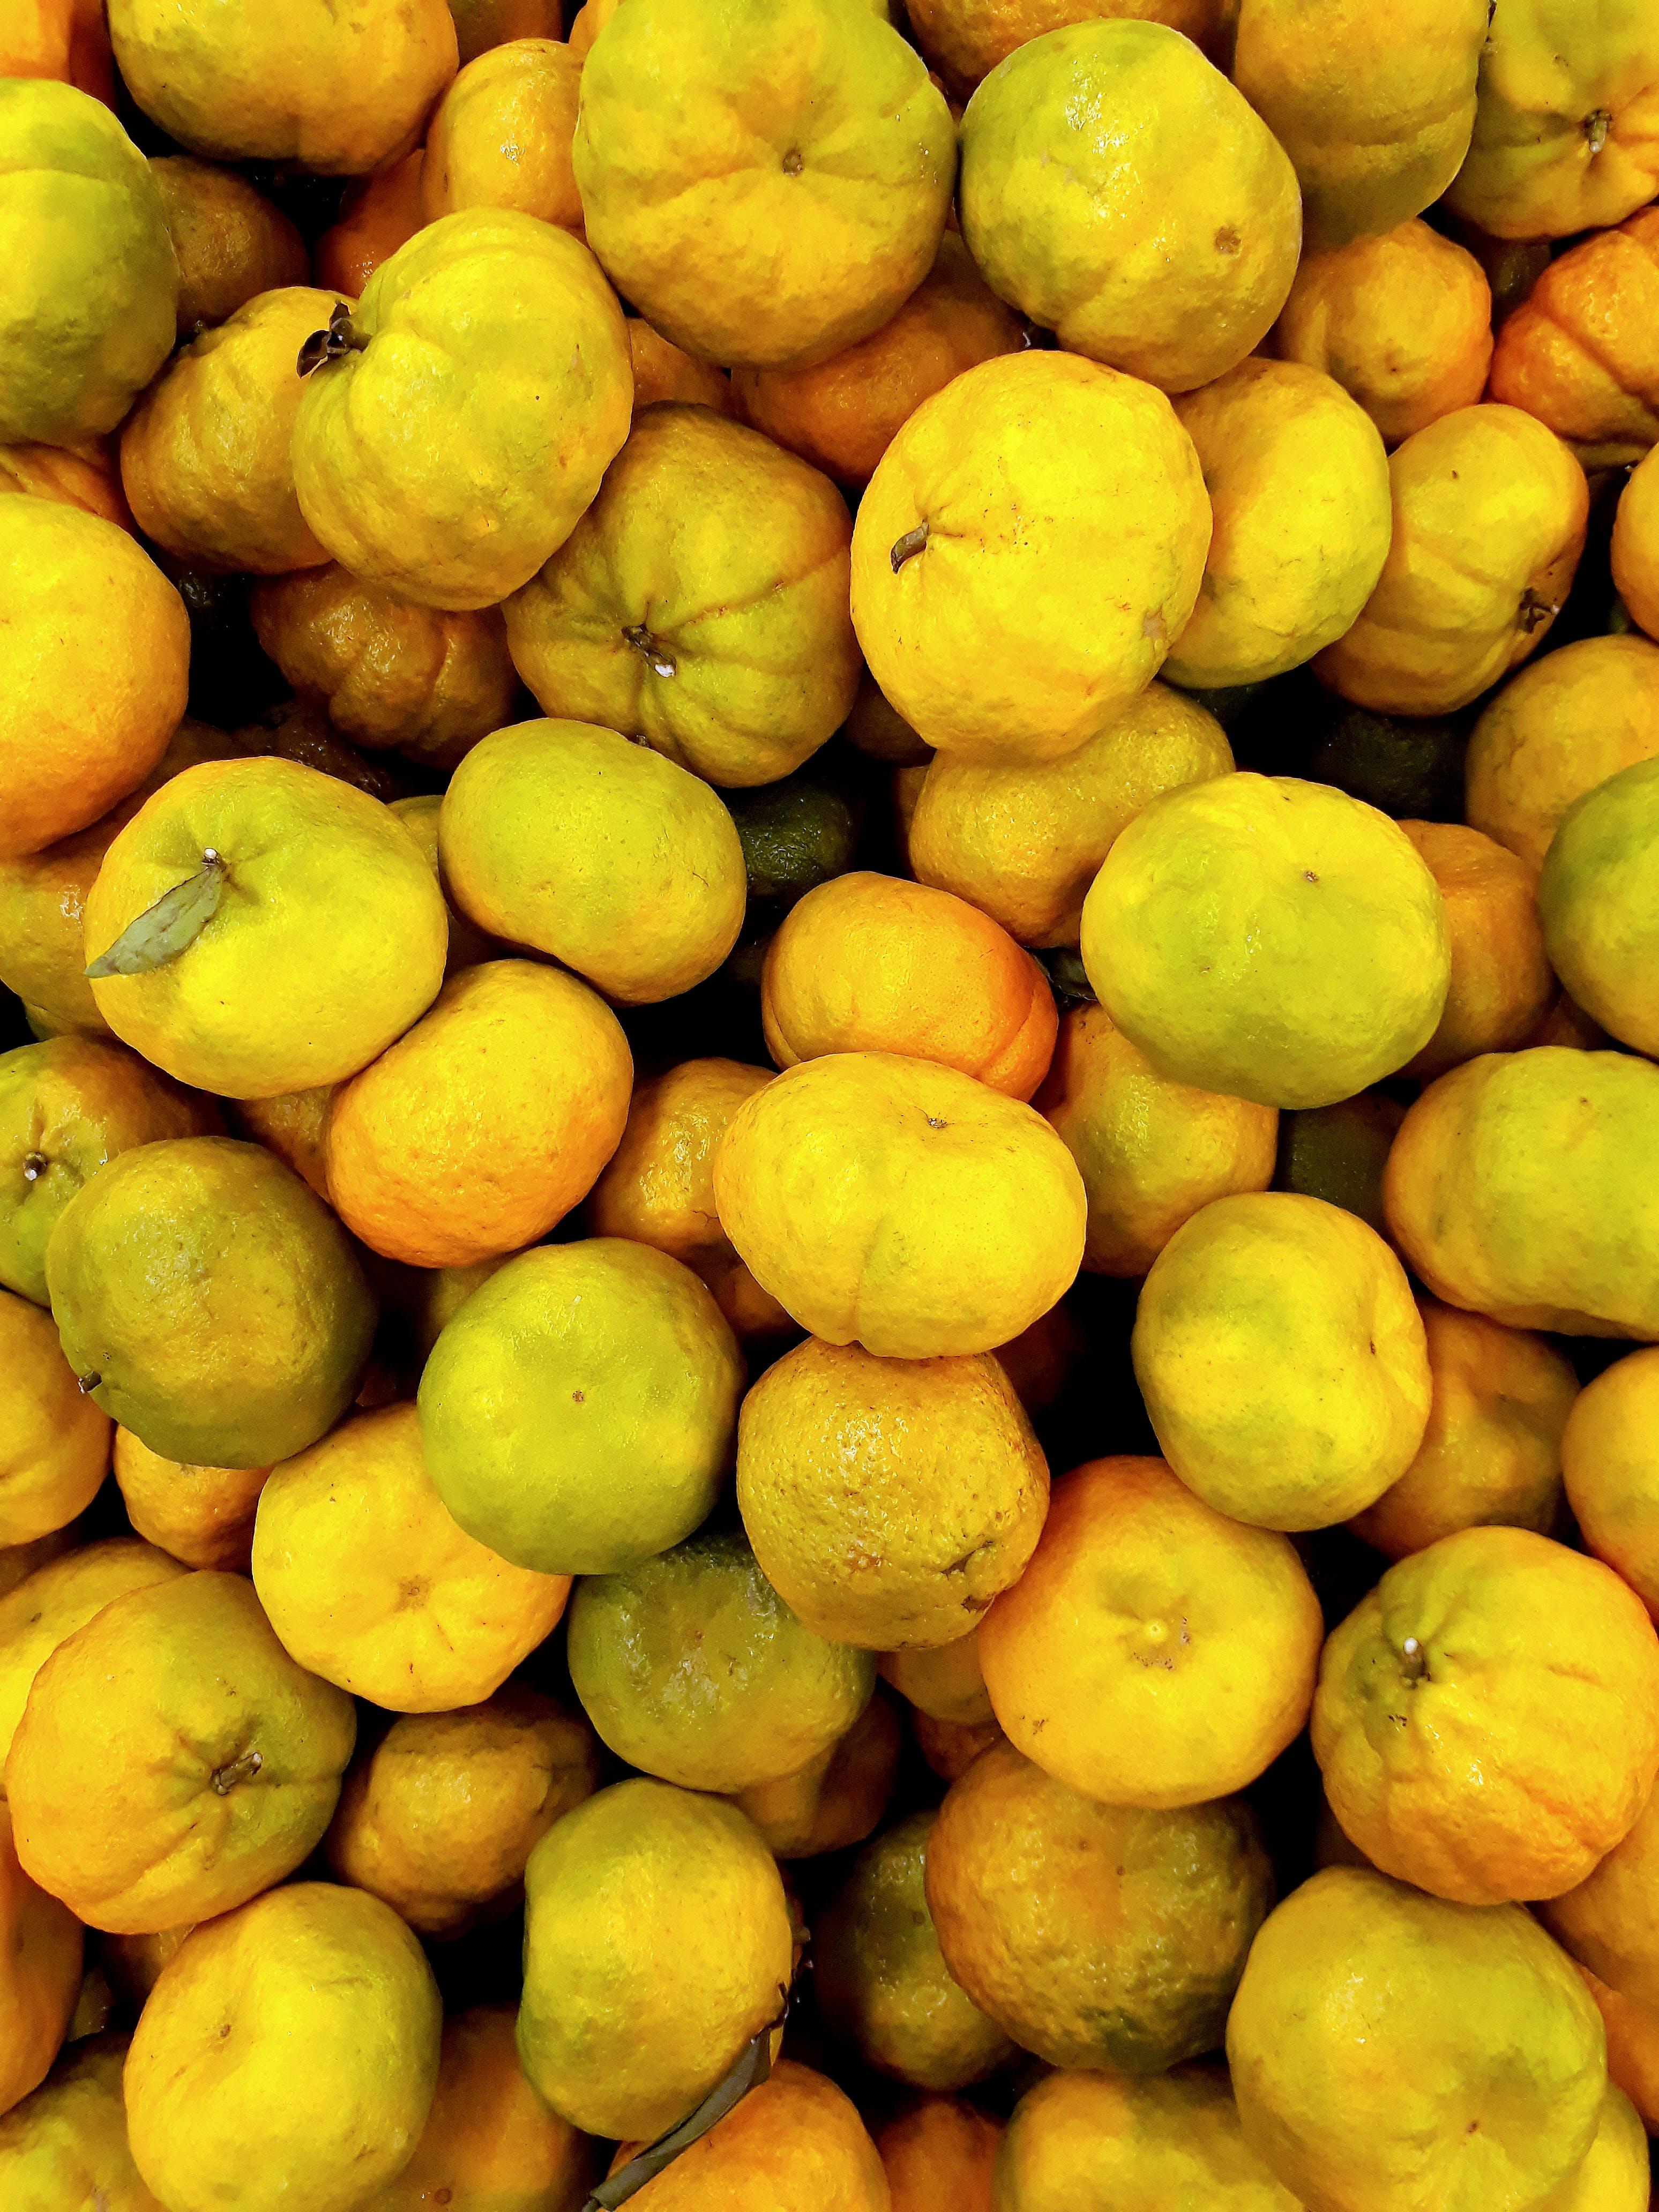 Gratis lagerfoto af appelsiner, Citrus, citrusfrugt, delikat